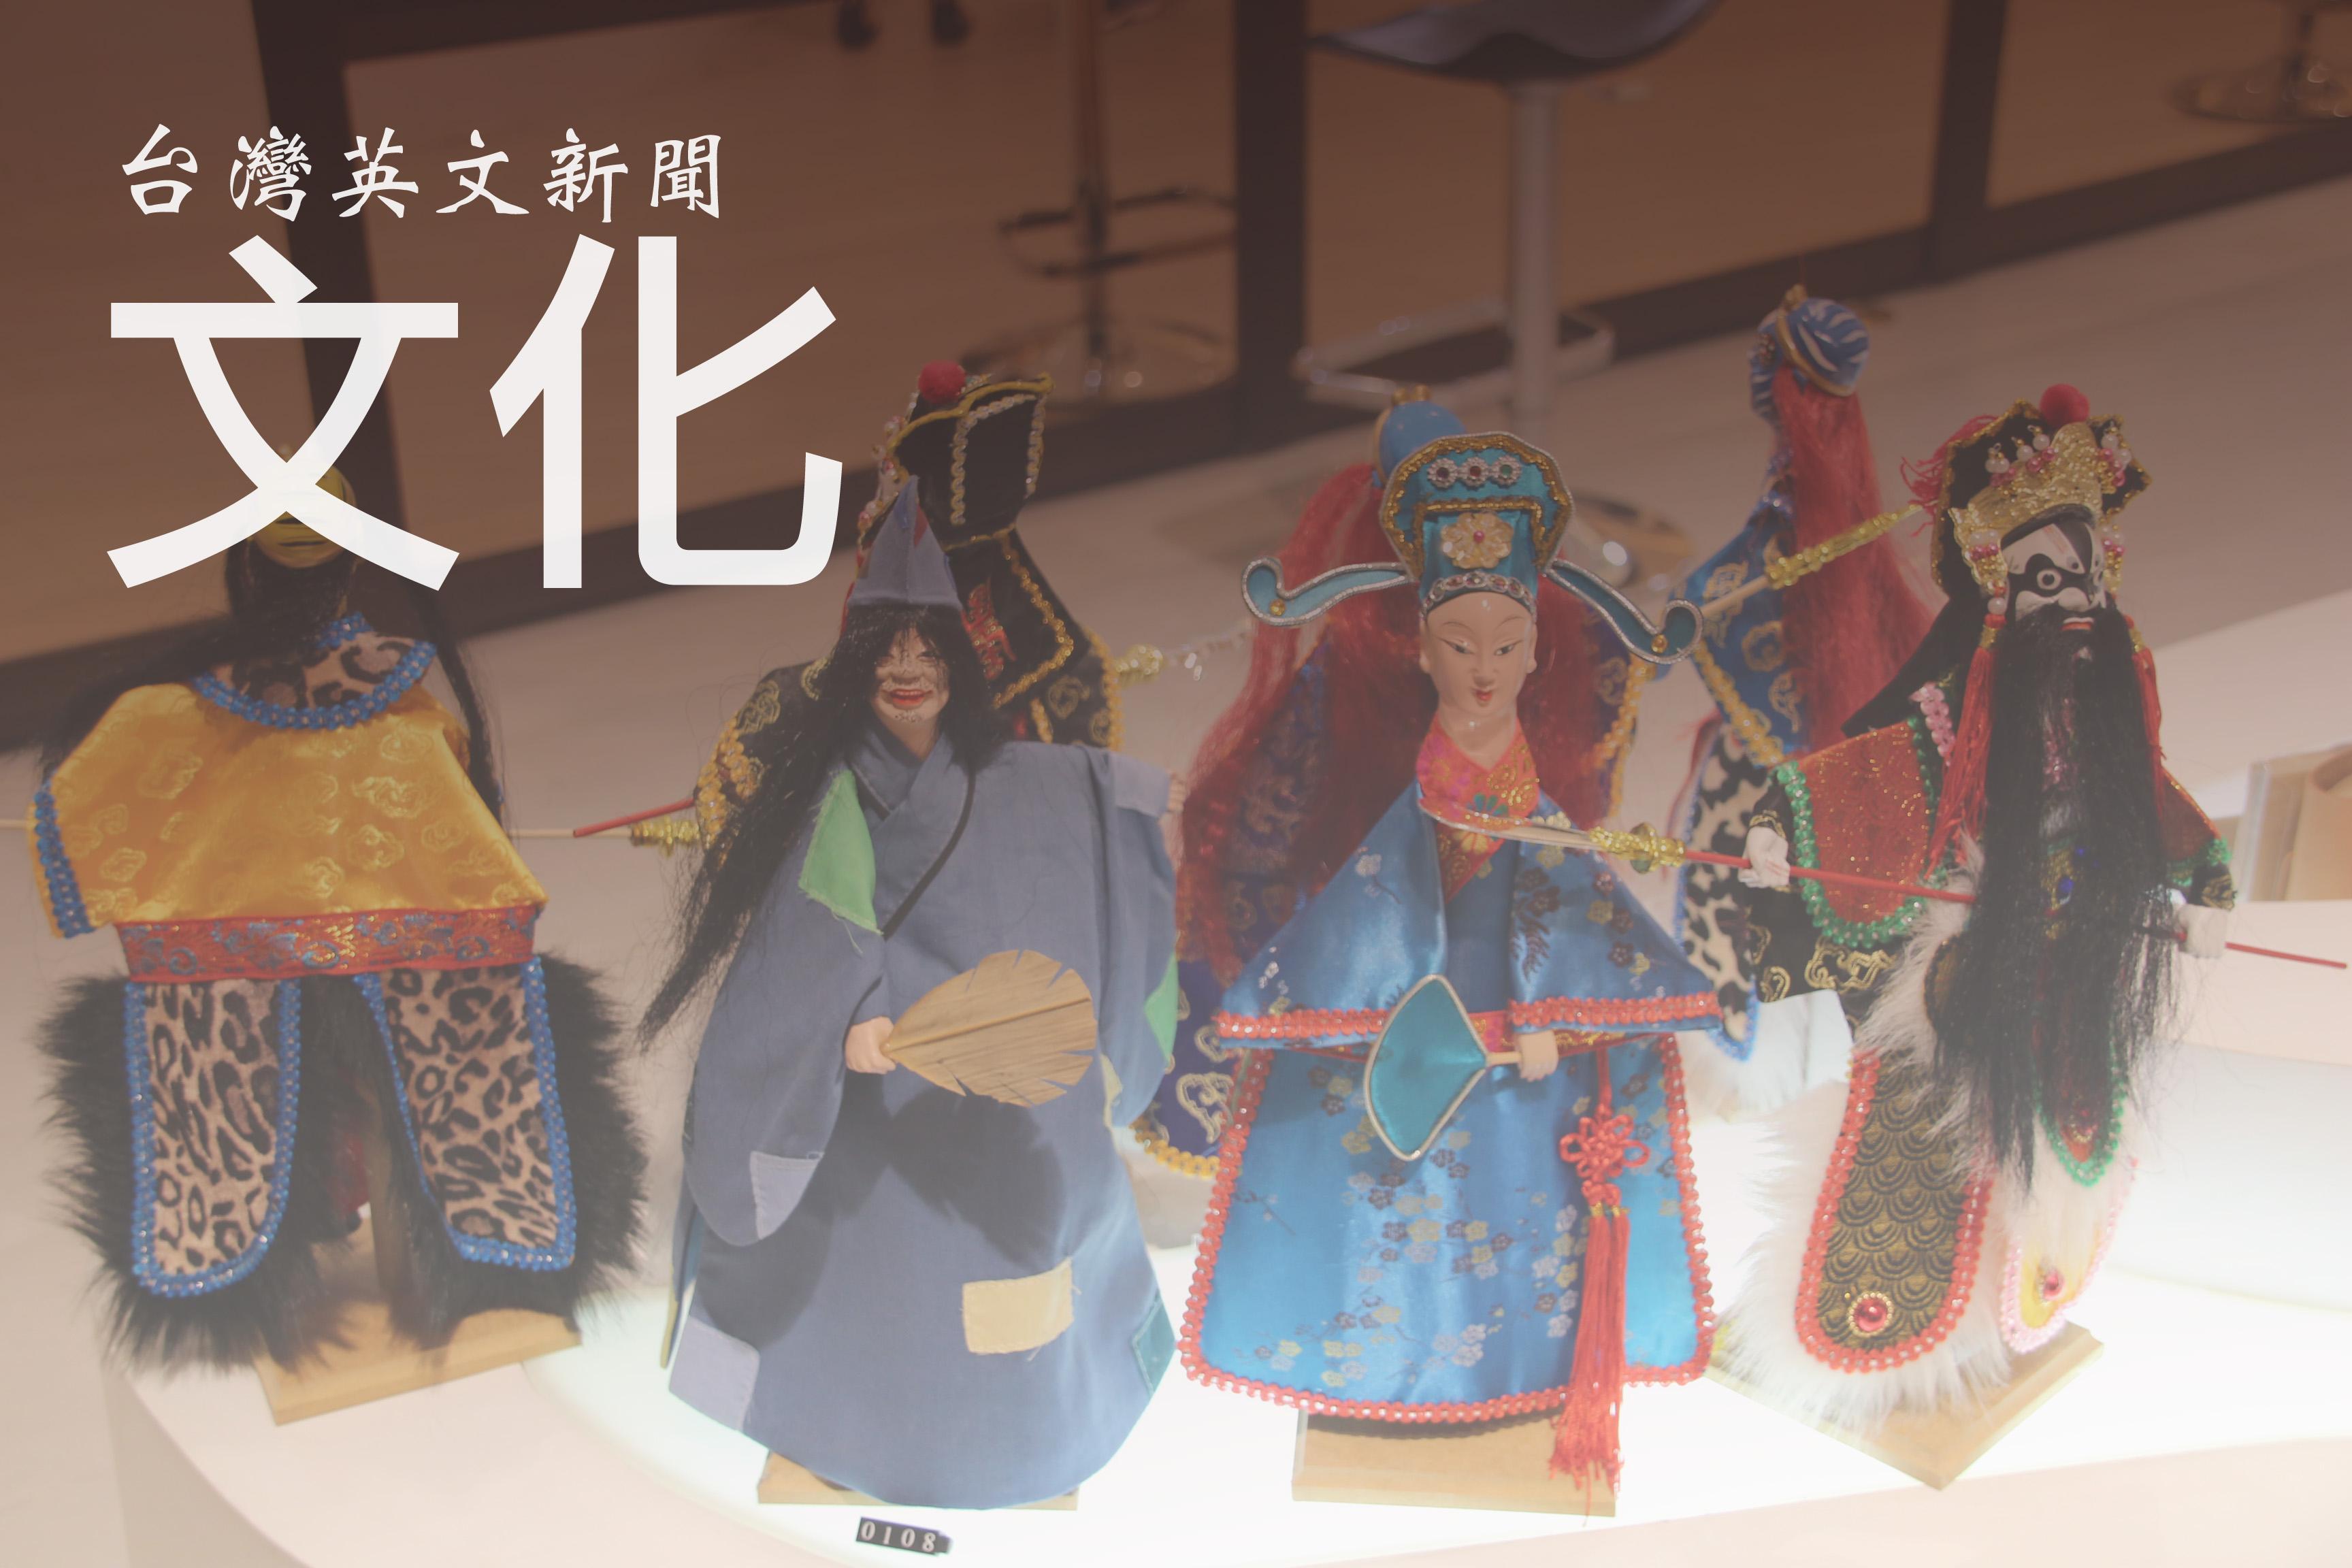 忠泰美術館重量級展覽揭曉!隈研吾、AA建築聯盟經典之作台北登場